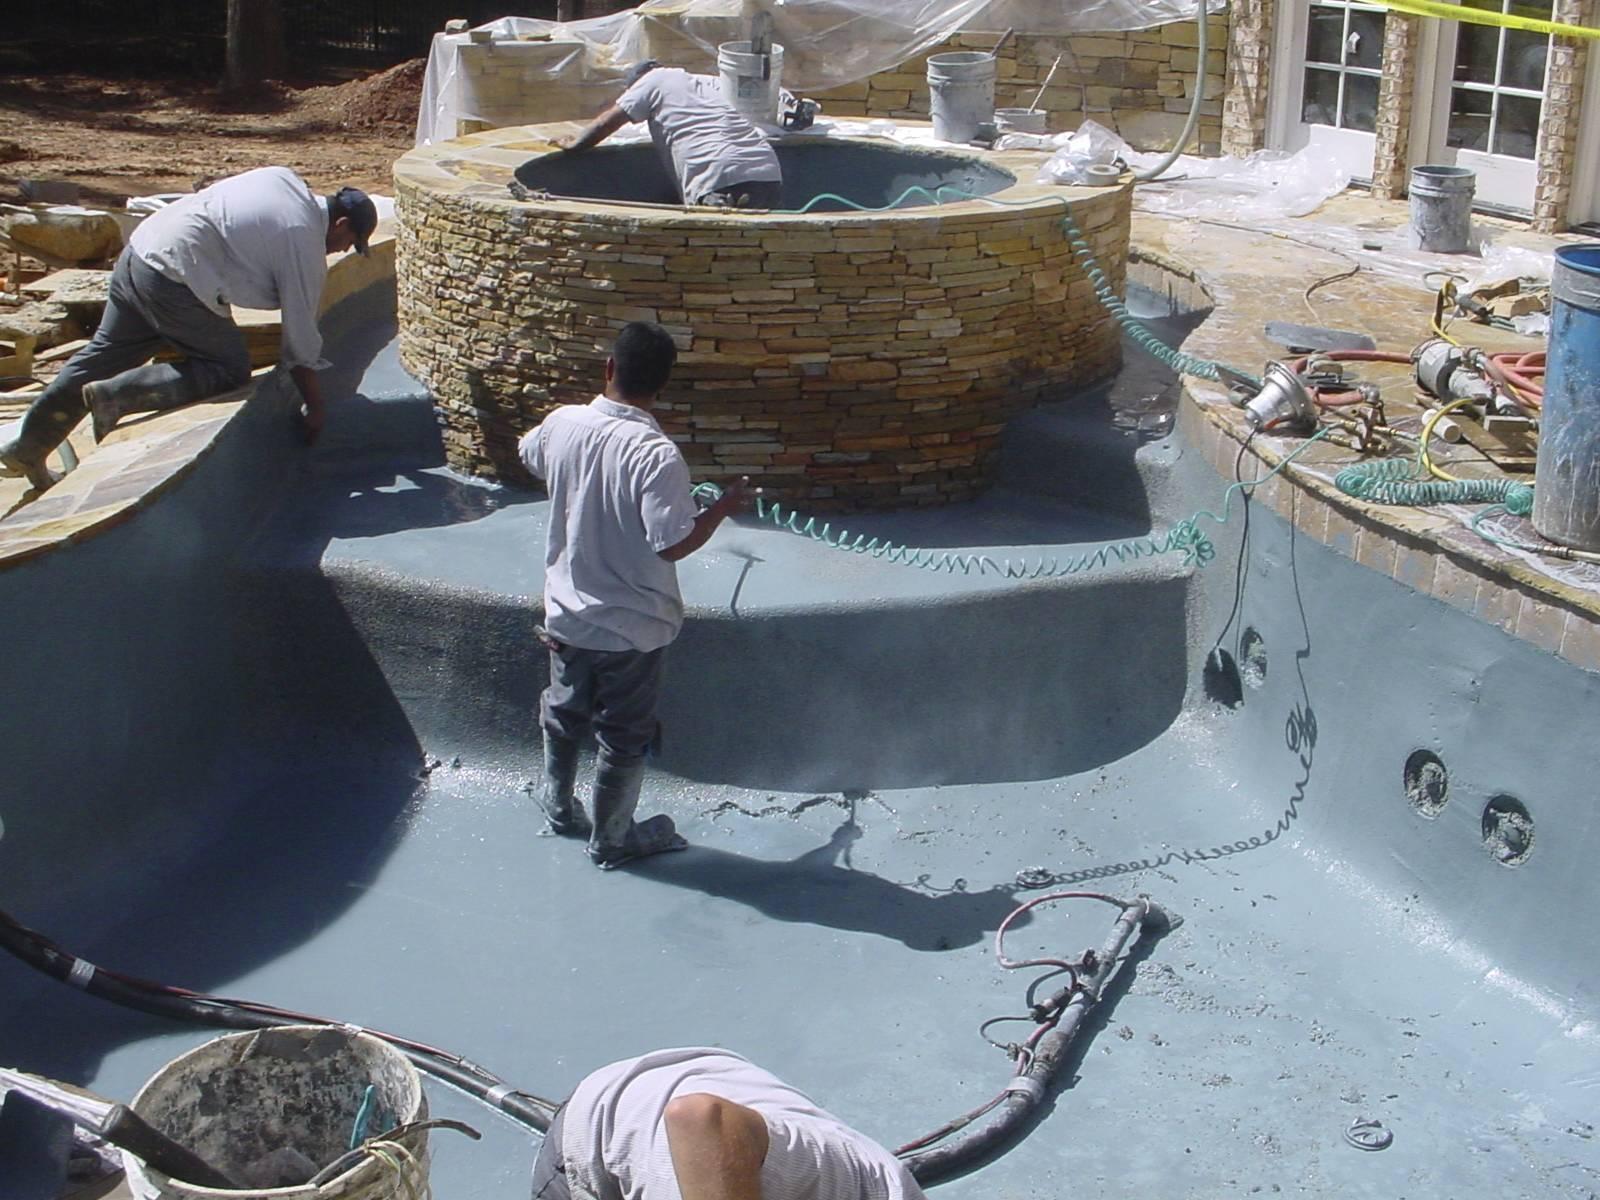 Splash Pools North Carolina October 2010